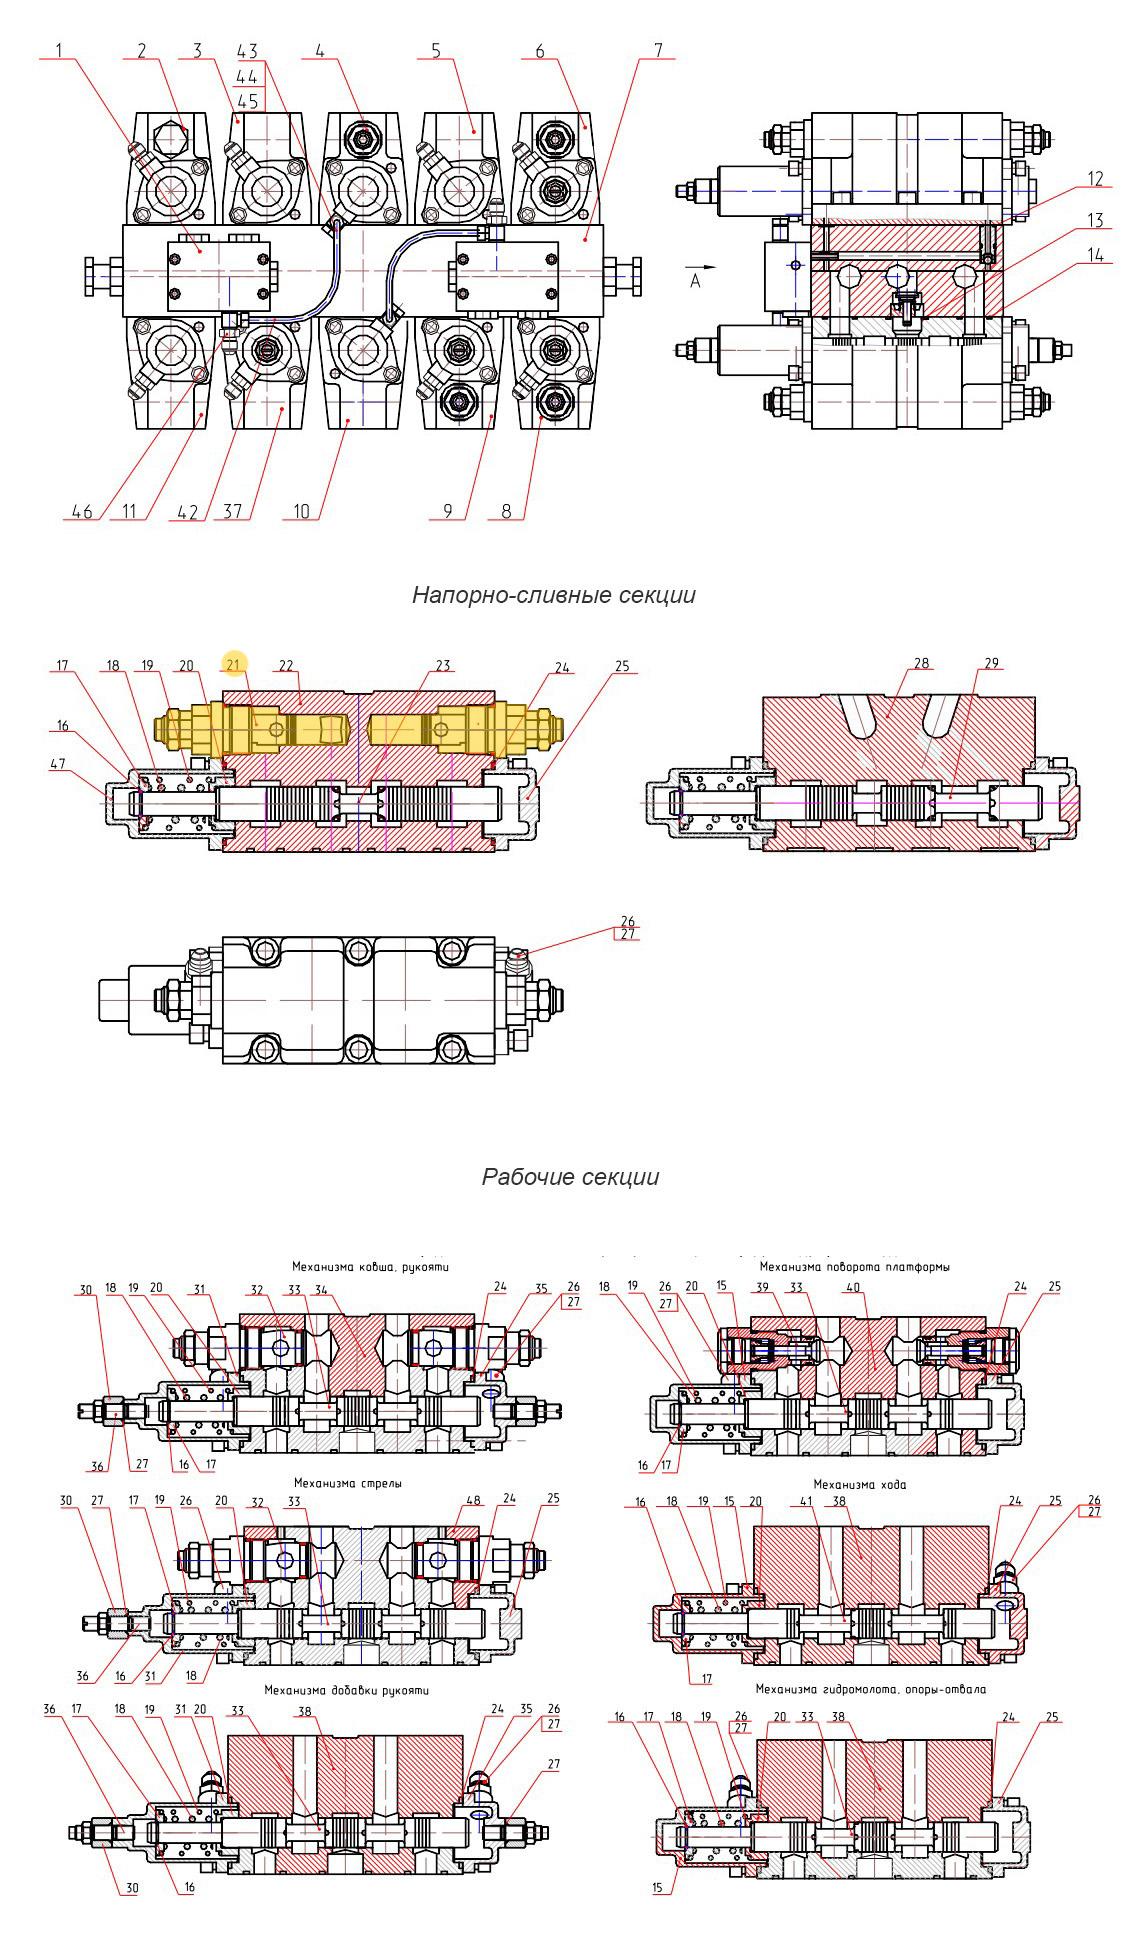 Гидроклапан КП20-250-40-ОСМ